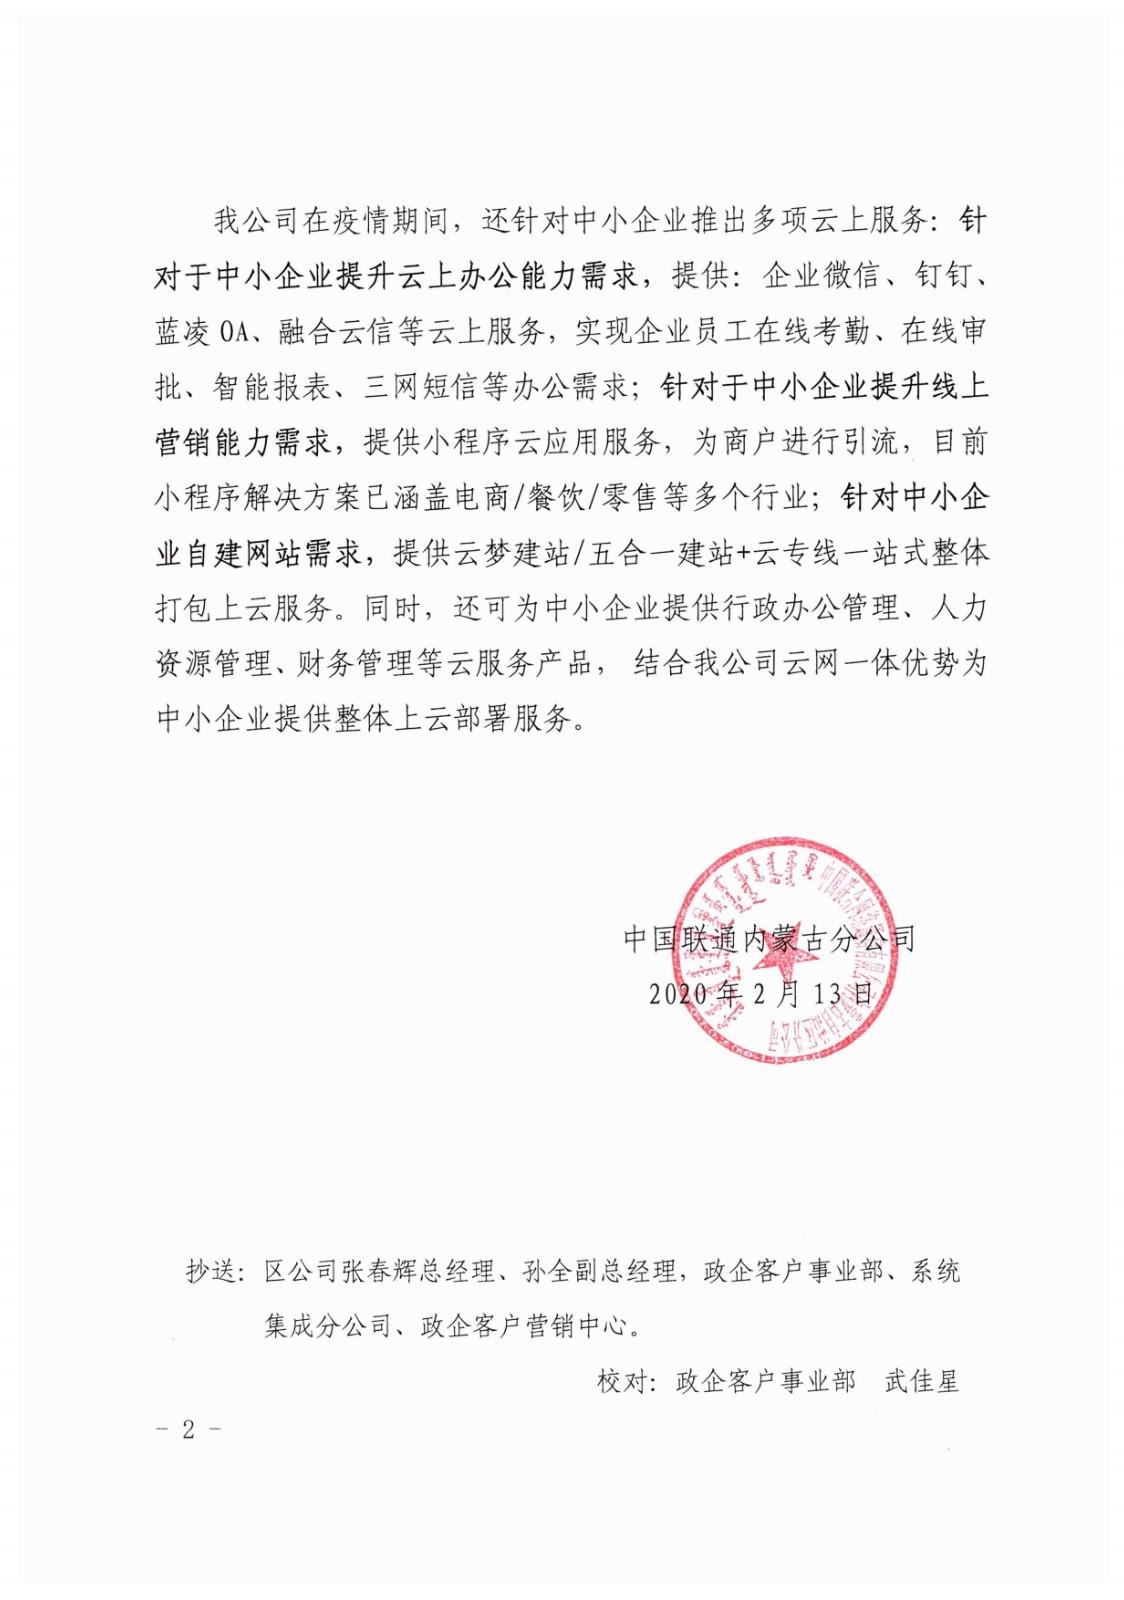 中国联通内蒙古分公司关于在疫情防控期间无偿提供信息化服务的函_2.jpg